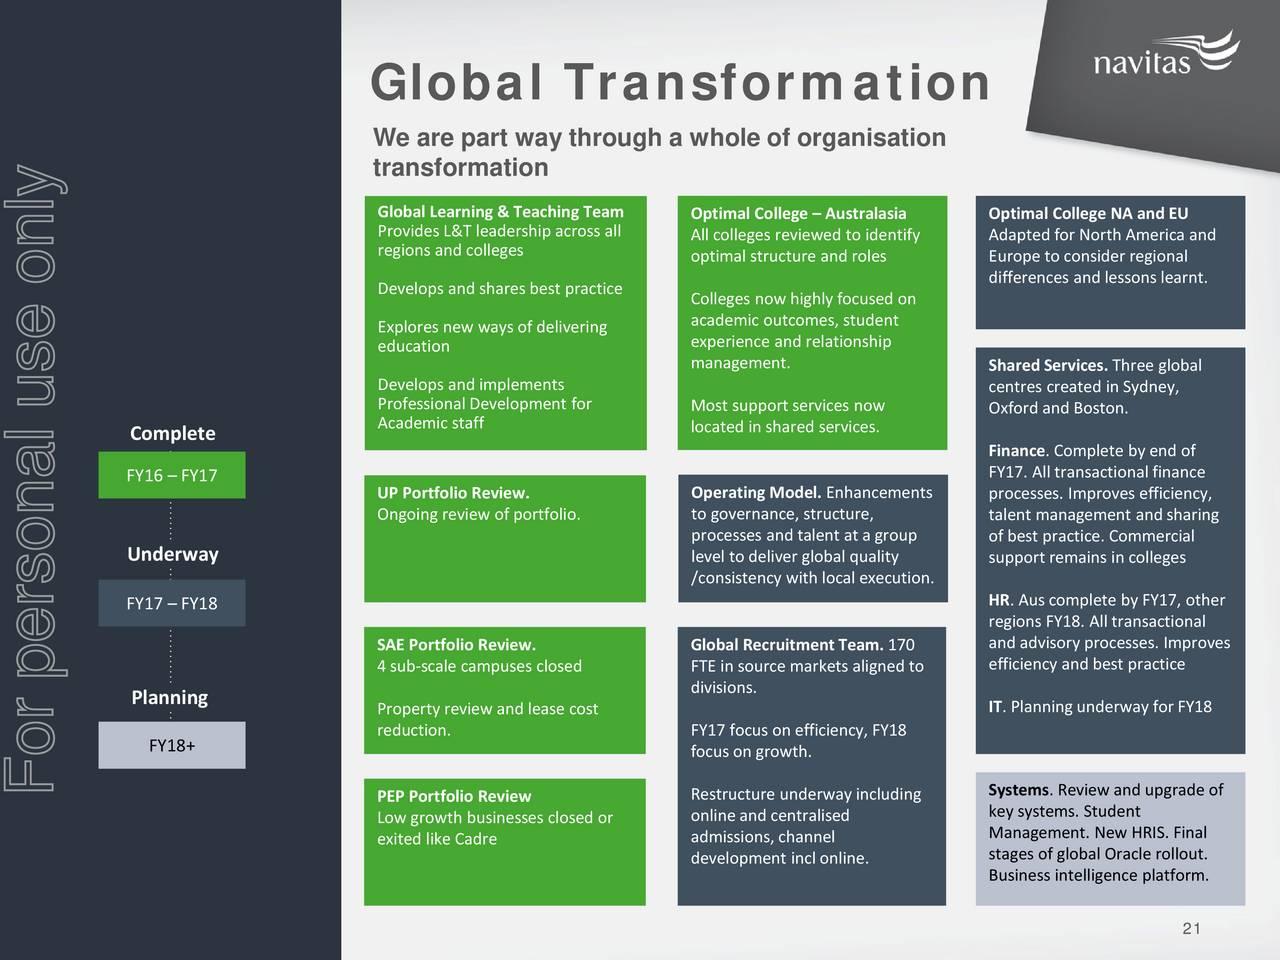 Navitas Nvtzf Investor Presentation Slideshow